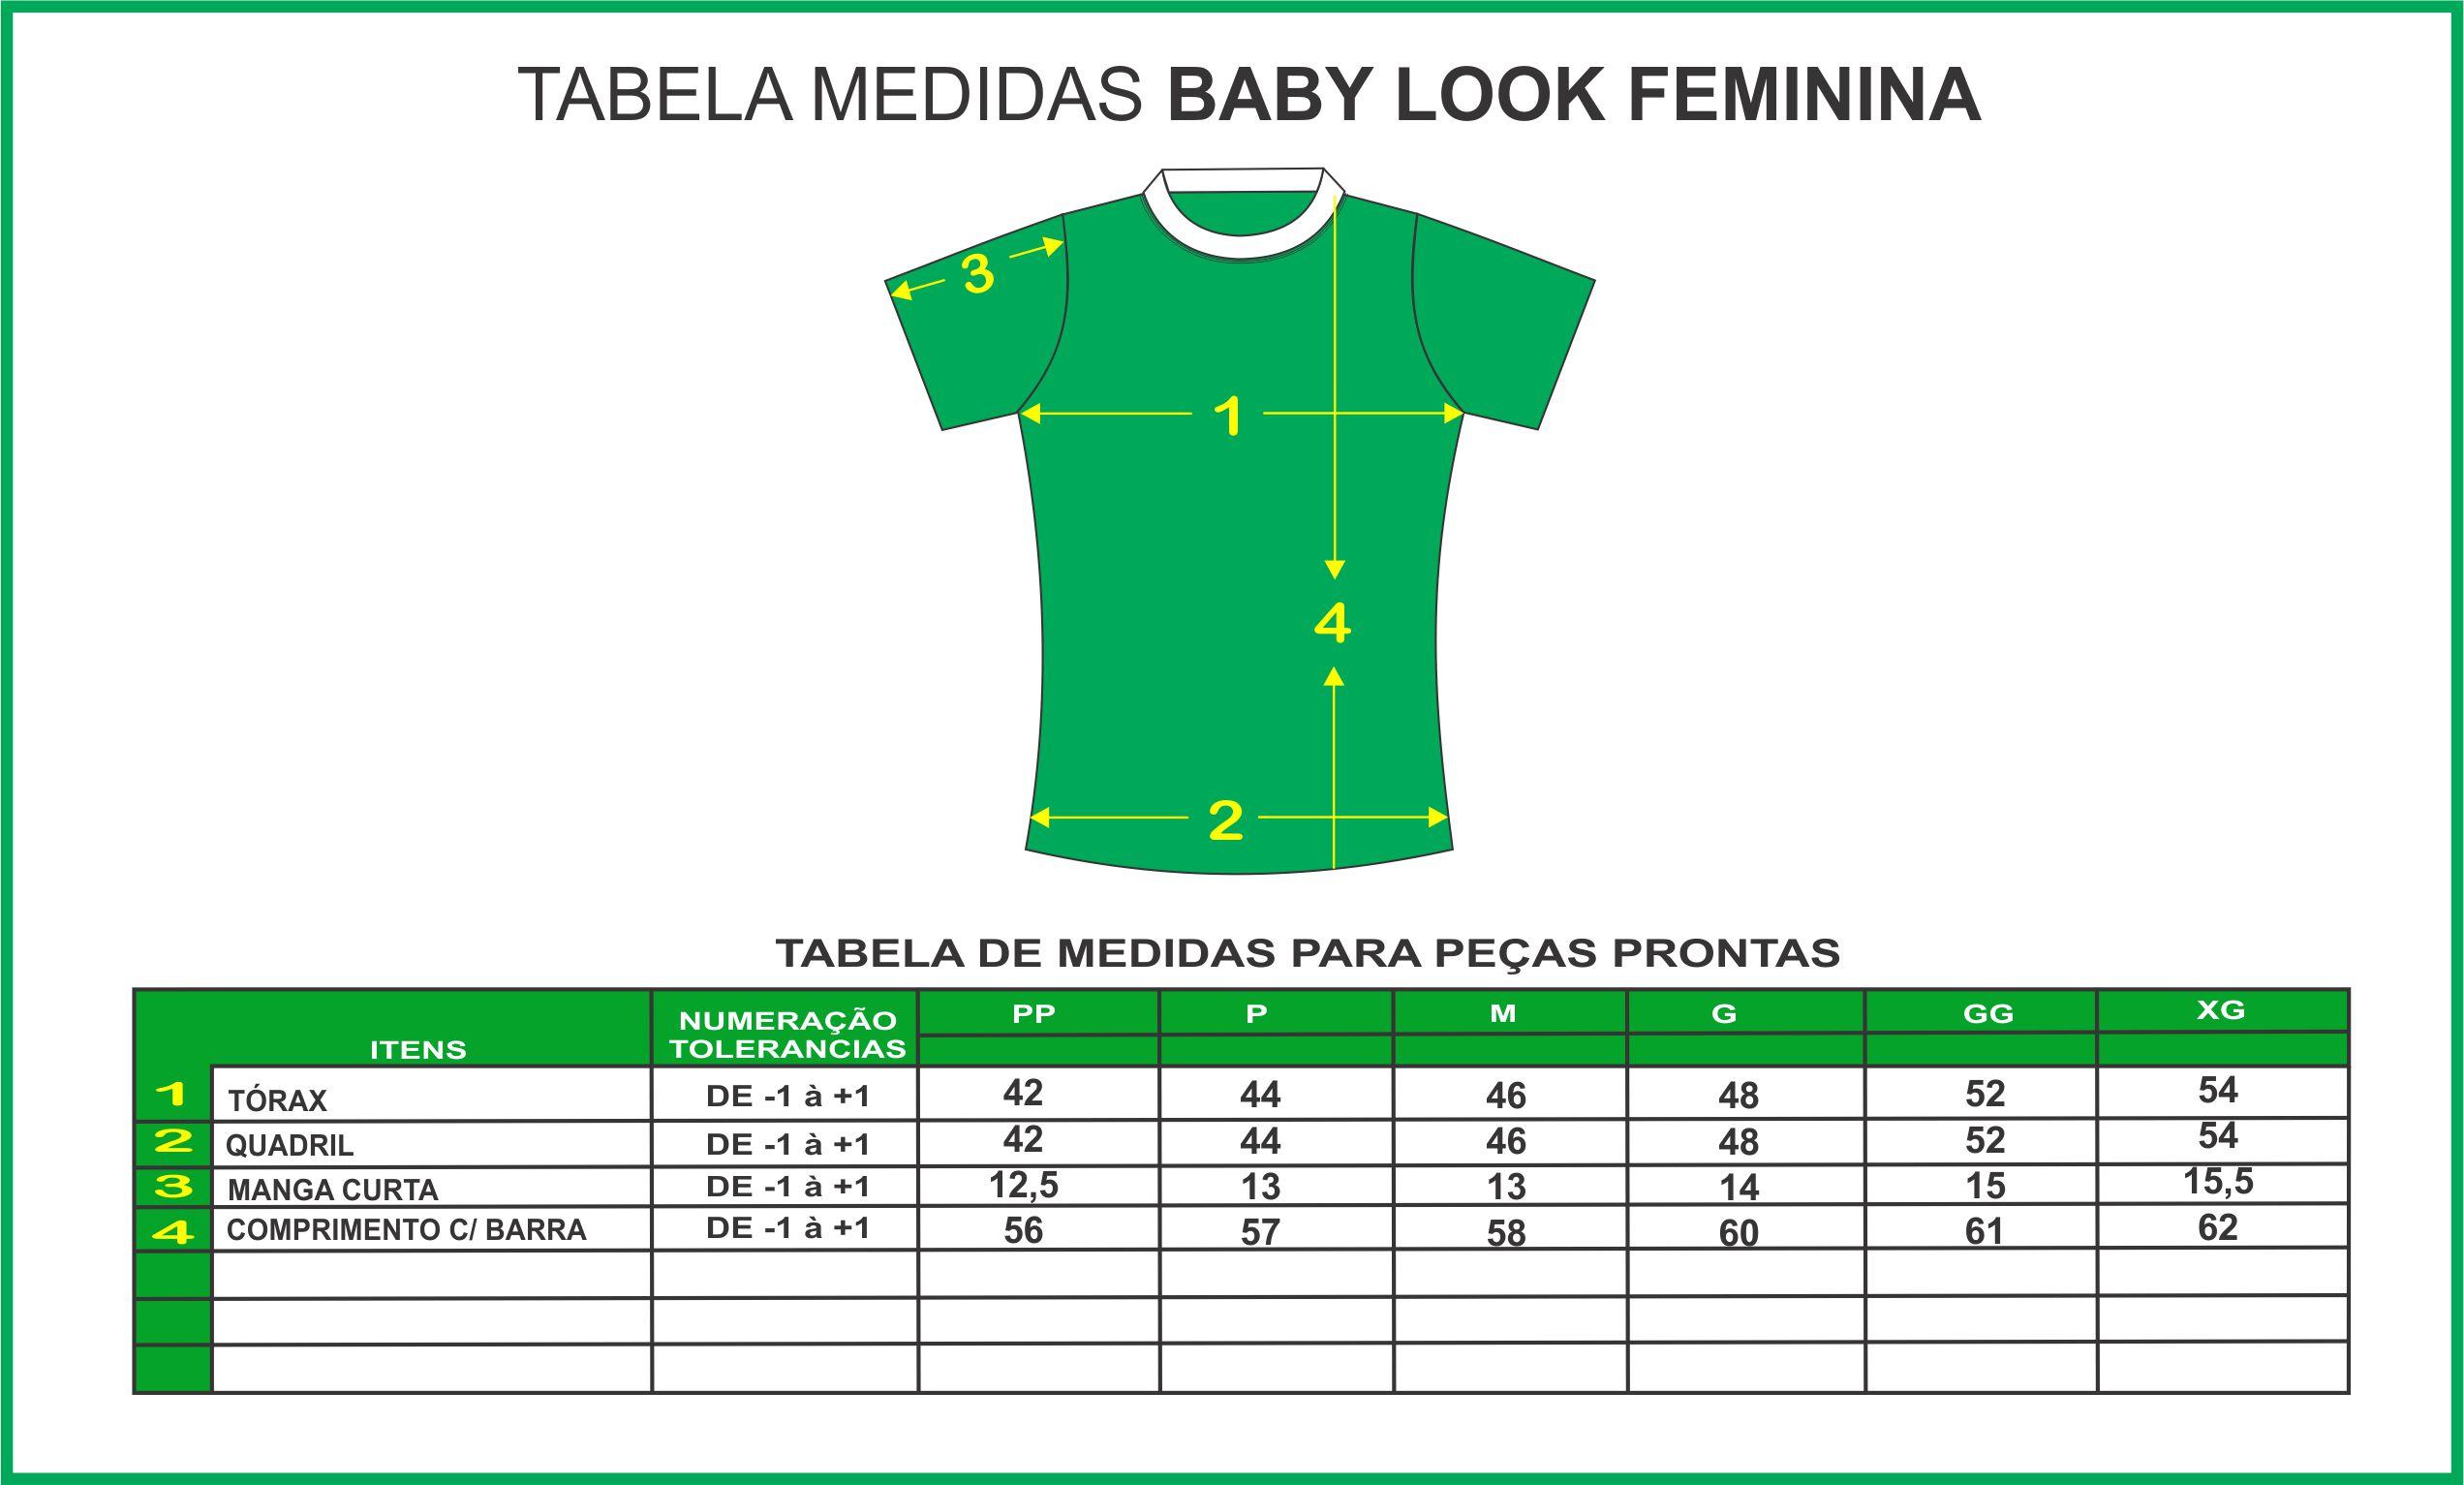 TABELA DE MEDIDAS BABY LOOK NOVA